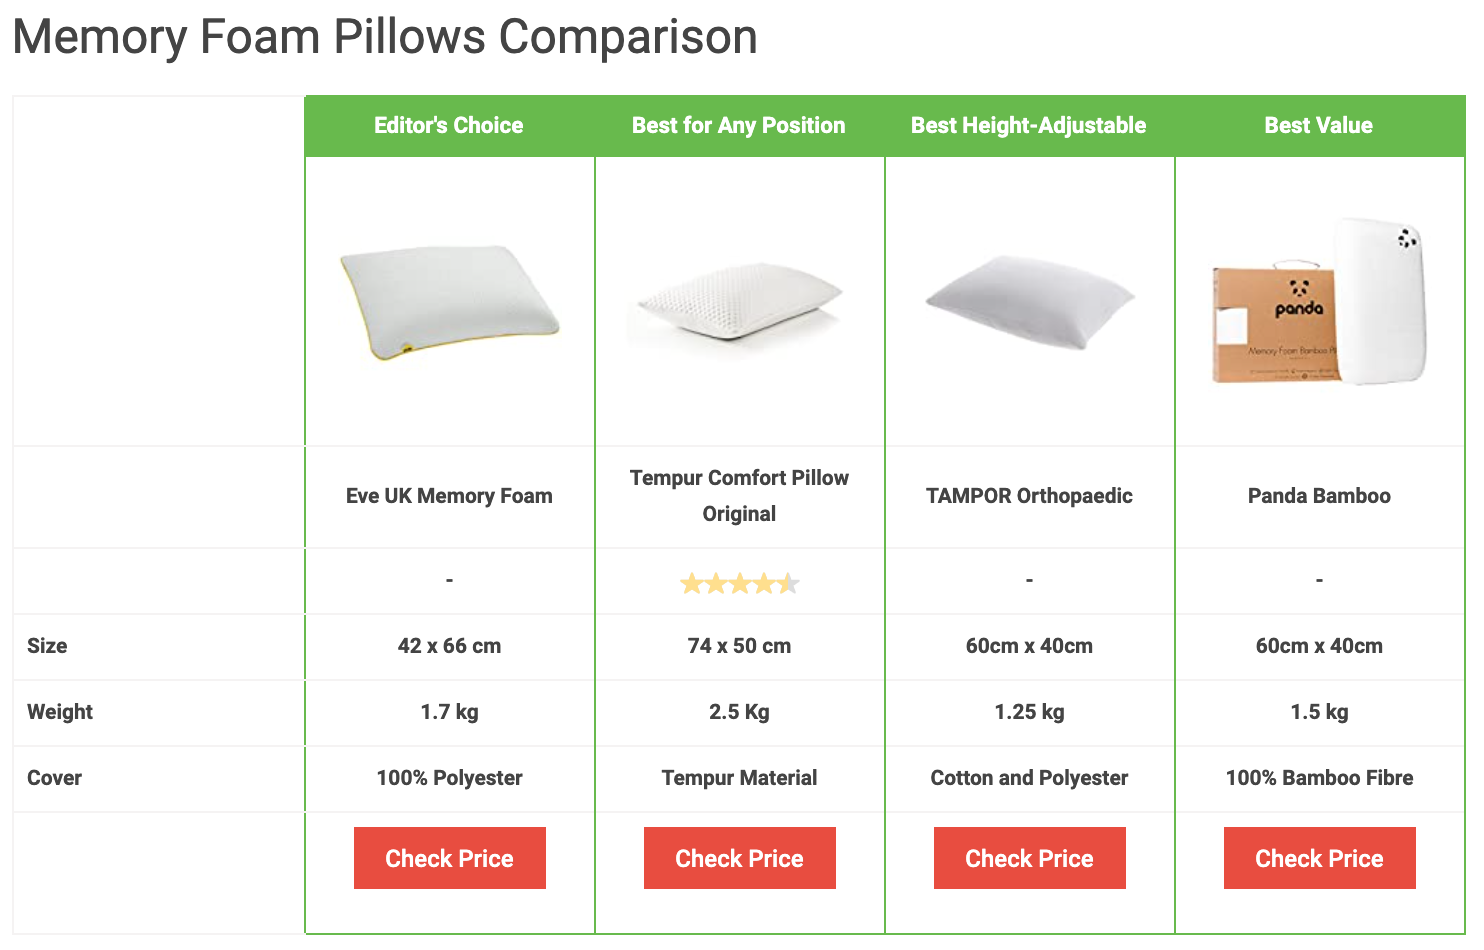 Best Spy pillow comparison example